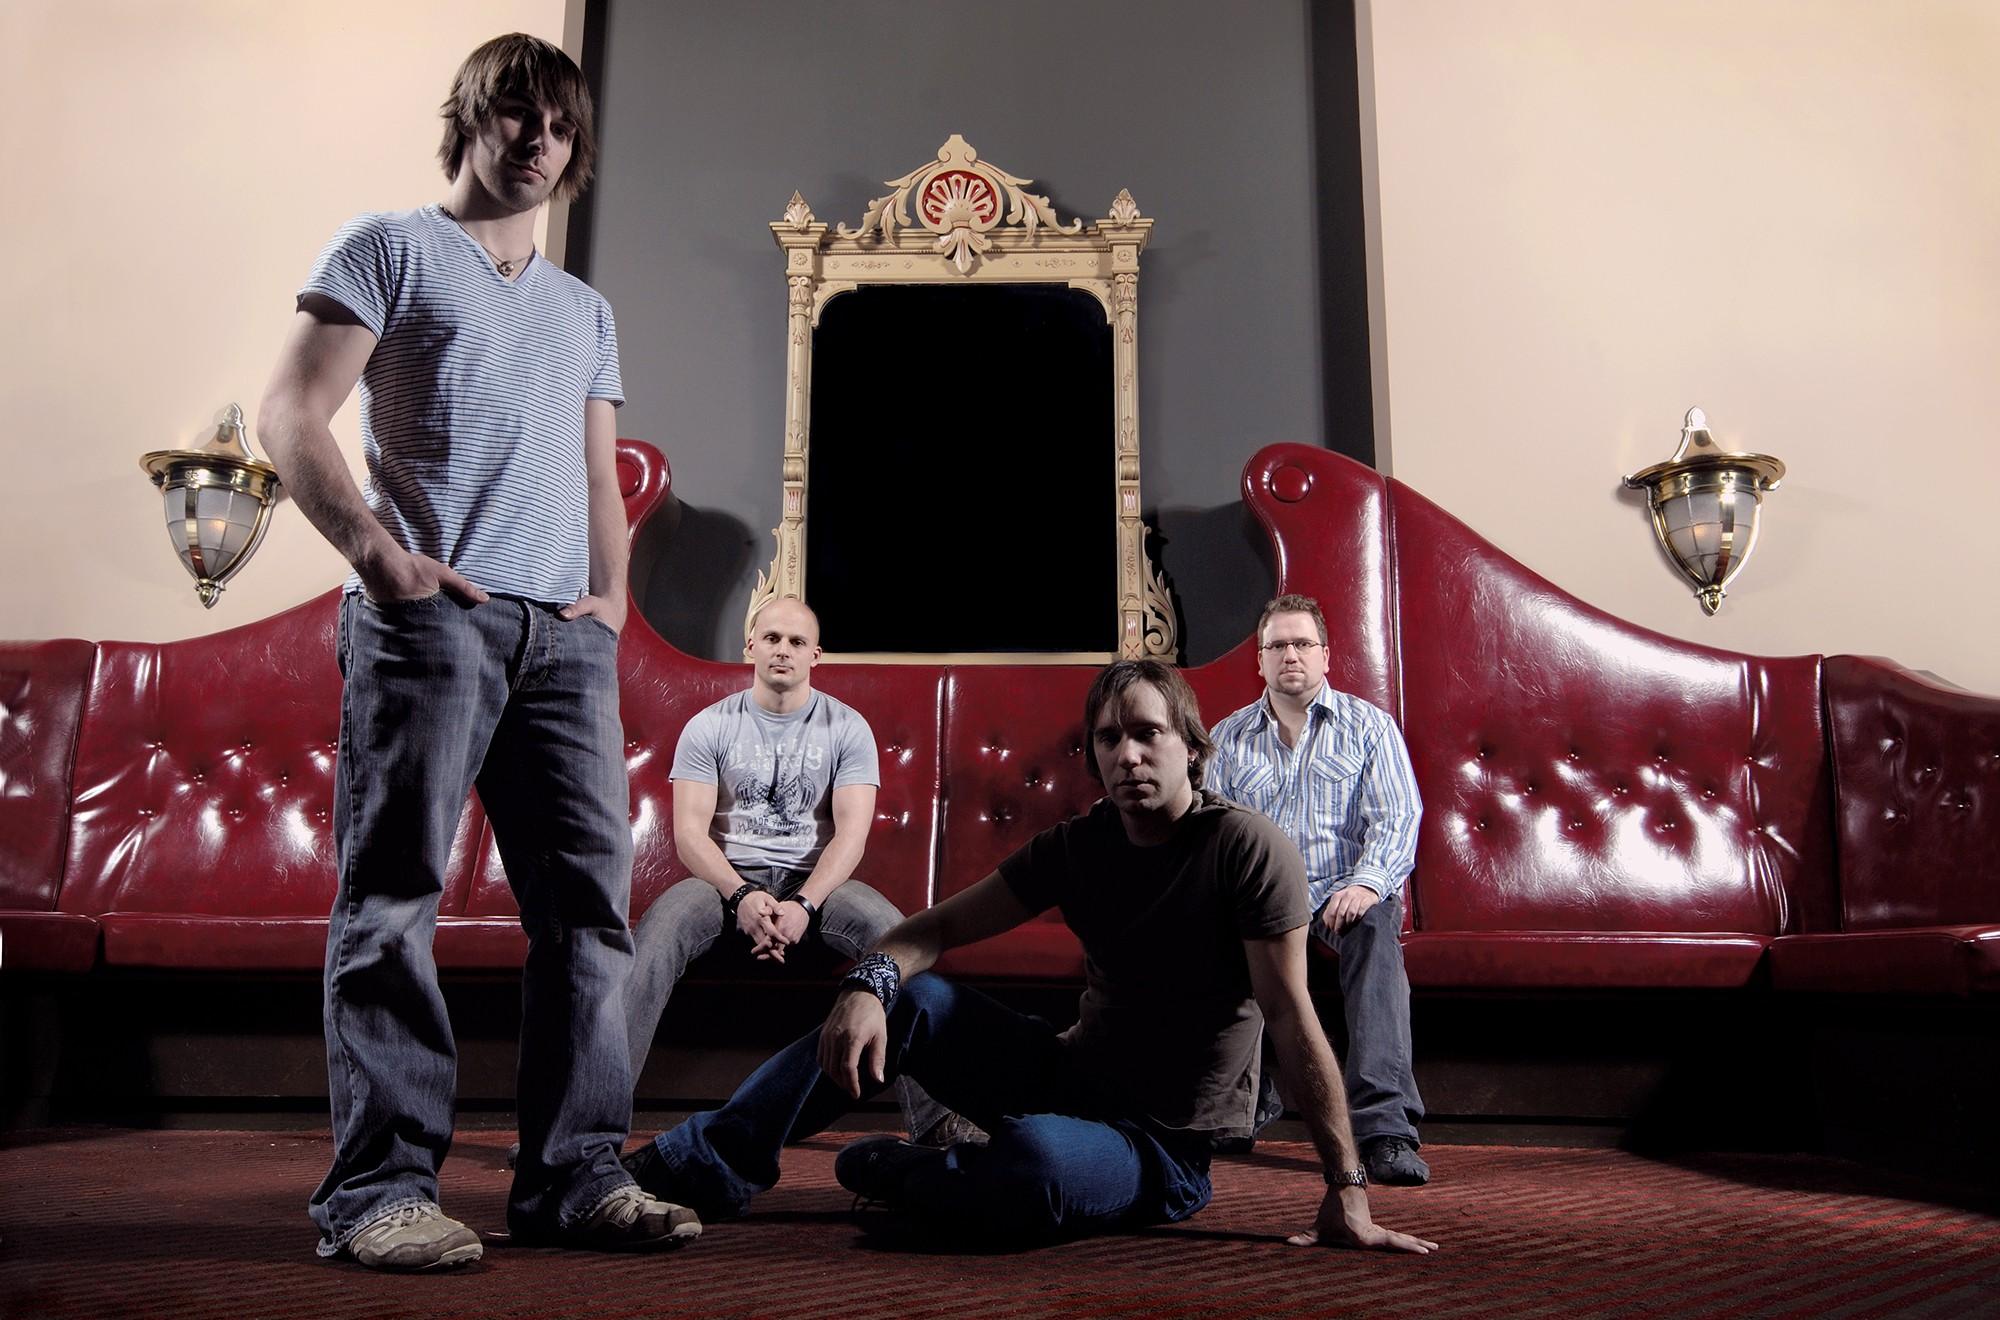 Portrait de groupe de musicien pour l'album de musique rock Mon équilibre / Client: Longue Distance